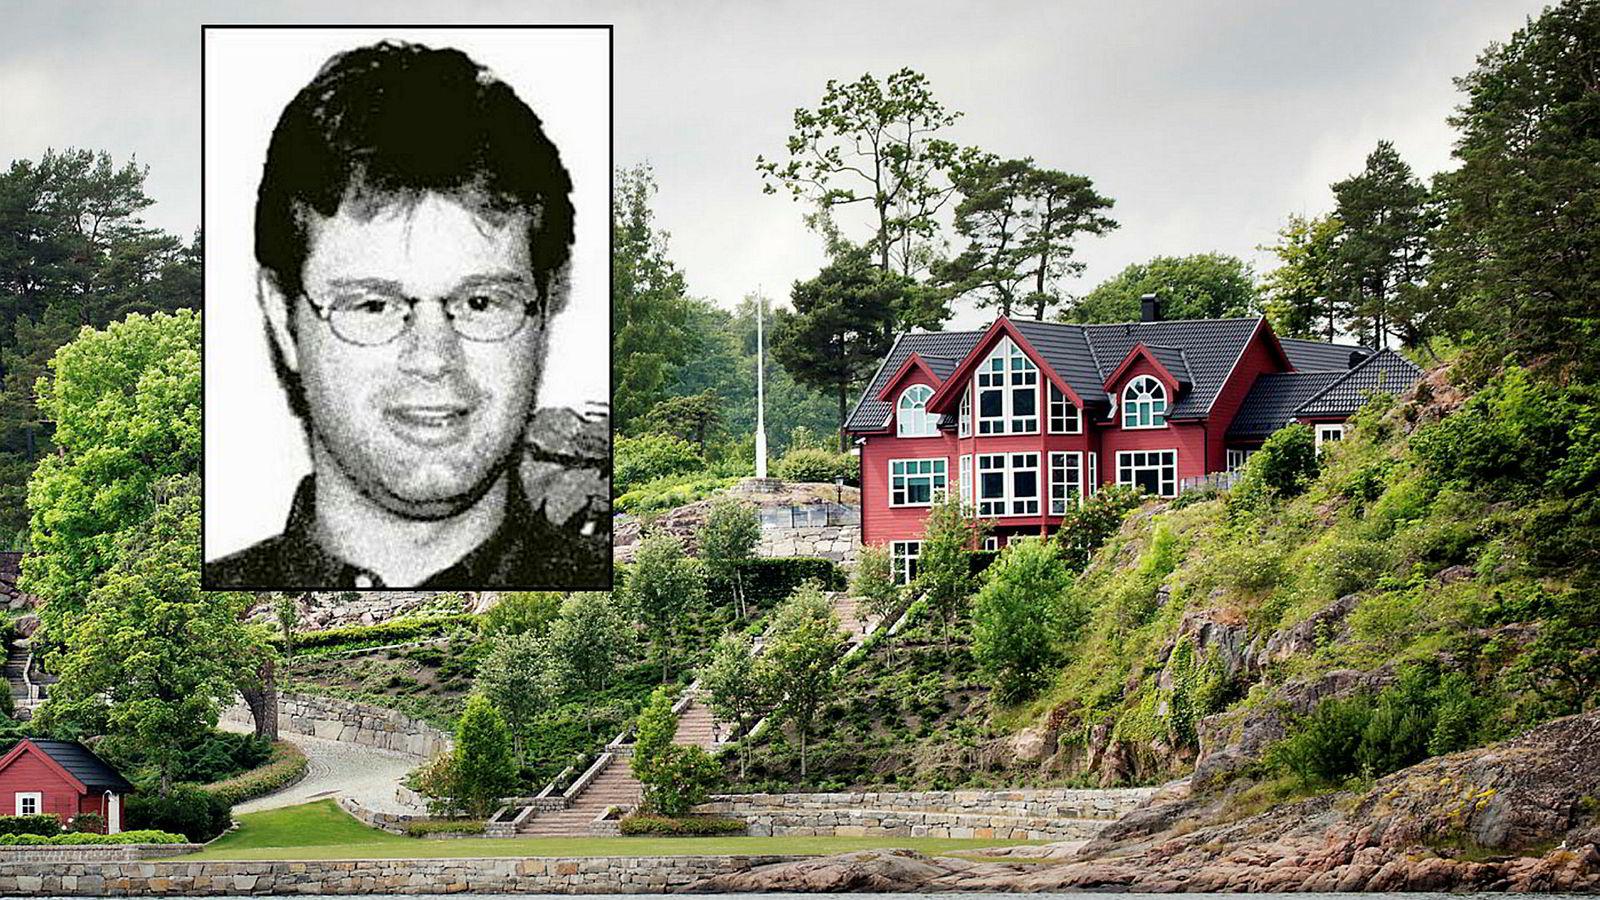 Kraftttrader Einar Aas risikerer å bli slått konkurs eller bli satt under administrasjon etter å ha tapt stort i kraftmarkedet. Her innfelt i eiendommen hans på Naxbie i Grimstad.